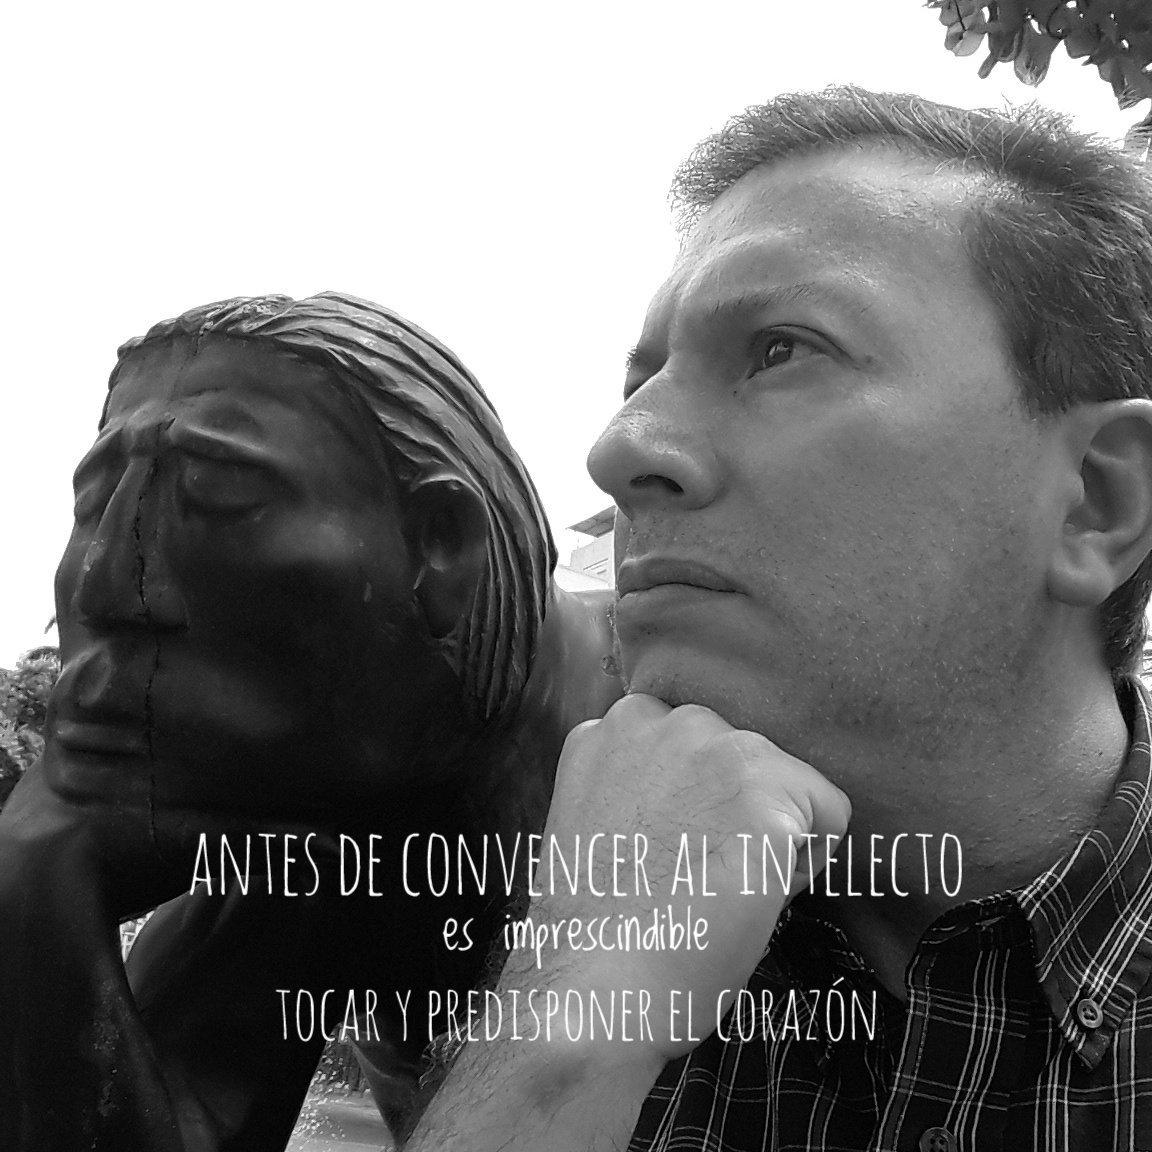 """""""Antes de convencer al intelecto, es imprescindible tocar y predisponer el corazón"""" Blaise Pascal #FraseDelDía #Reflexiones https://t.co/MrPMiVw9C4"""